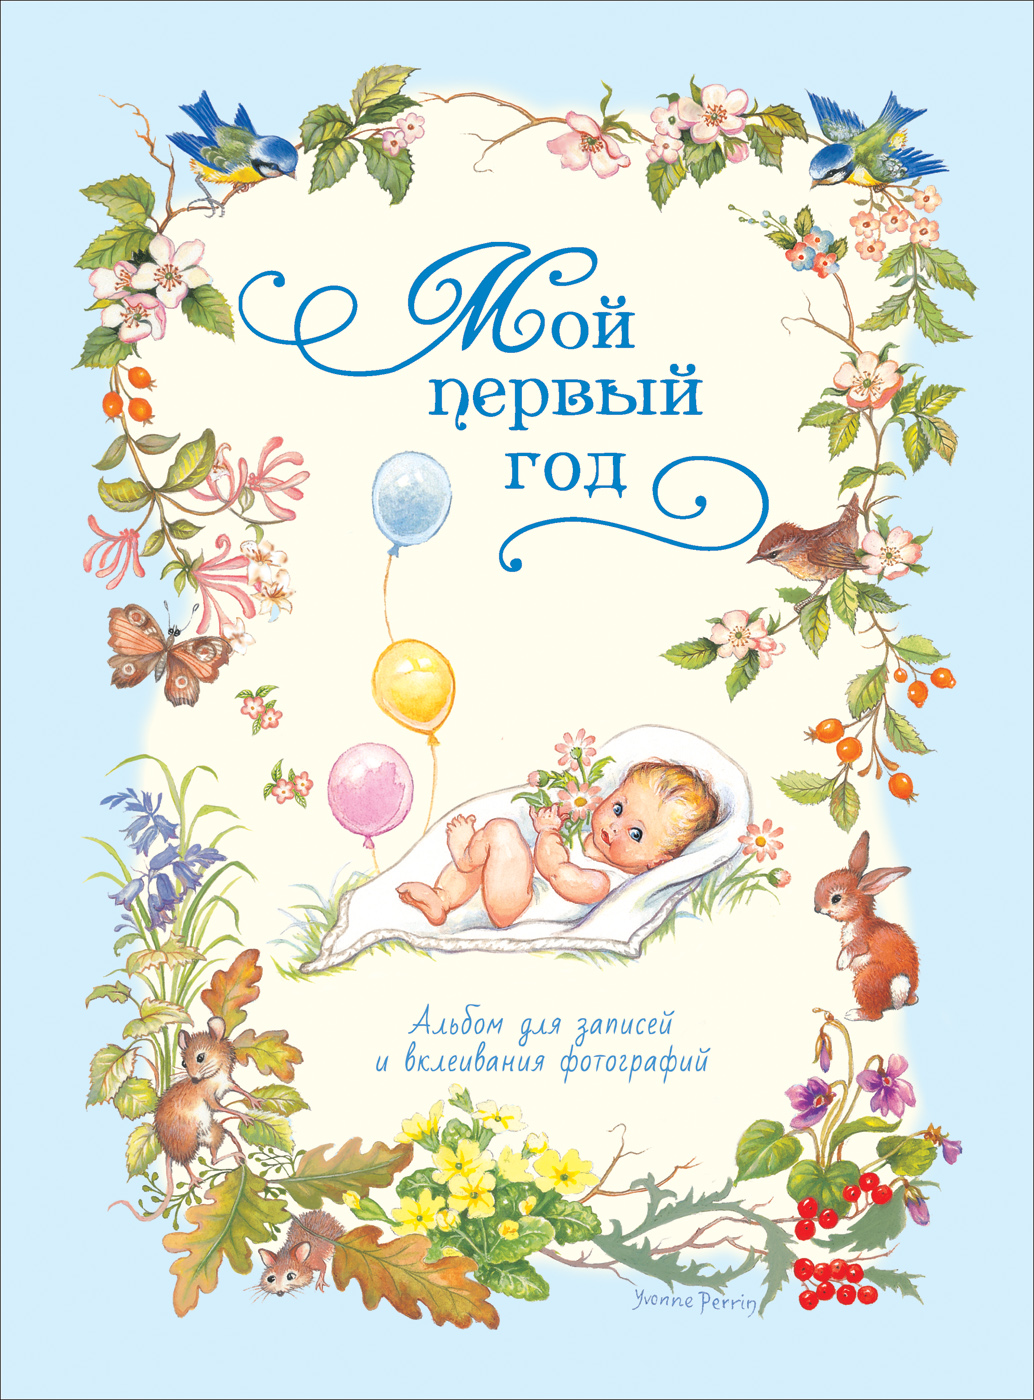 Мазанова Е. К. Мой первый год (голубой)